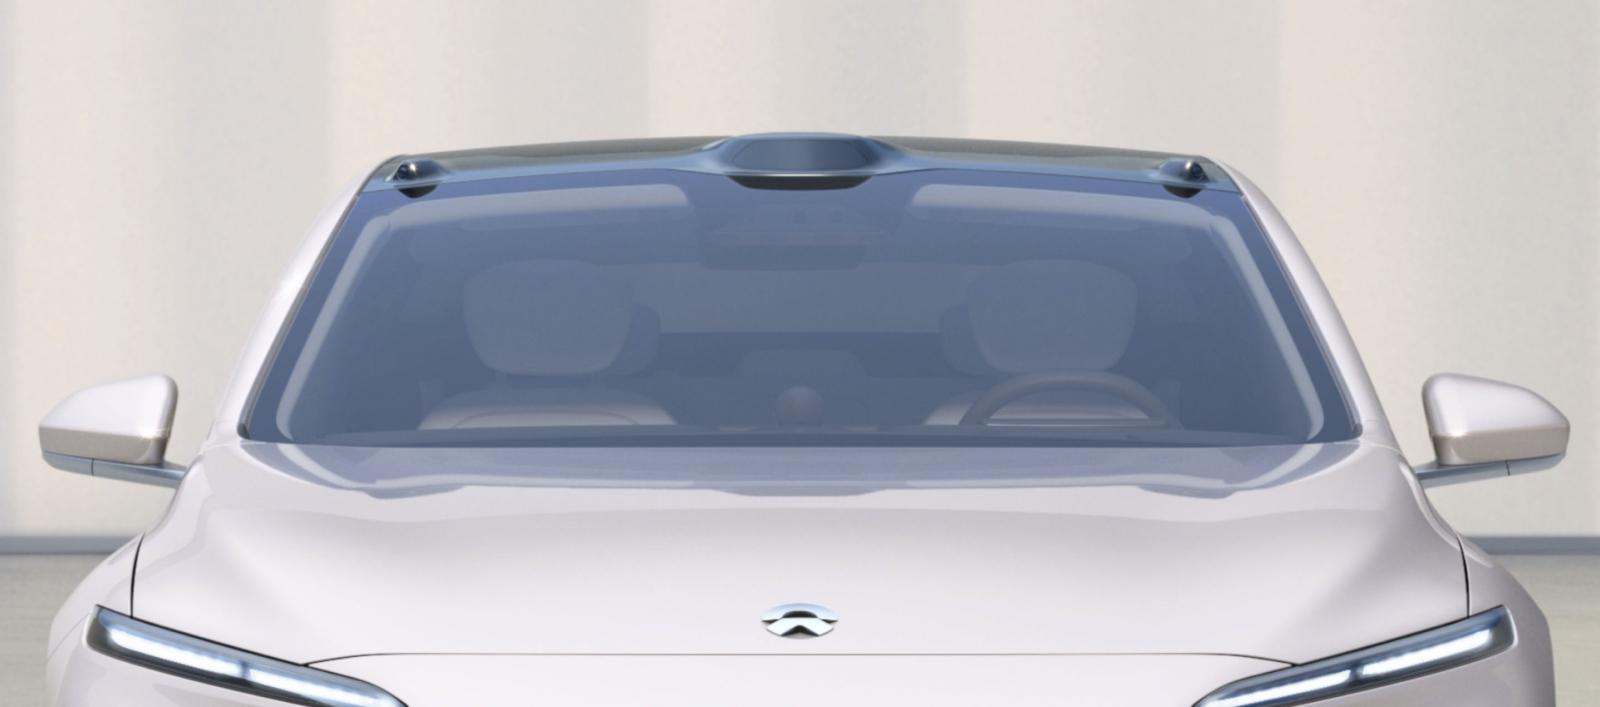 """Nios självkörande system är egenutvecklat och några av sensorerna sticker upp på taket. Det består av elva kameror, en lidar, fem radarsensorer, tolv ultraljudssensorer och två """"positioneringsenheter""""."""